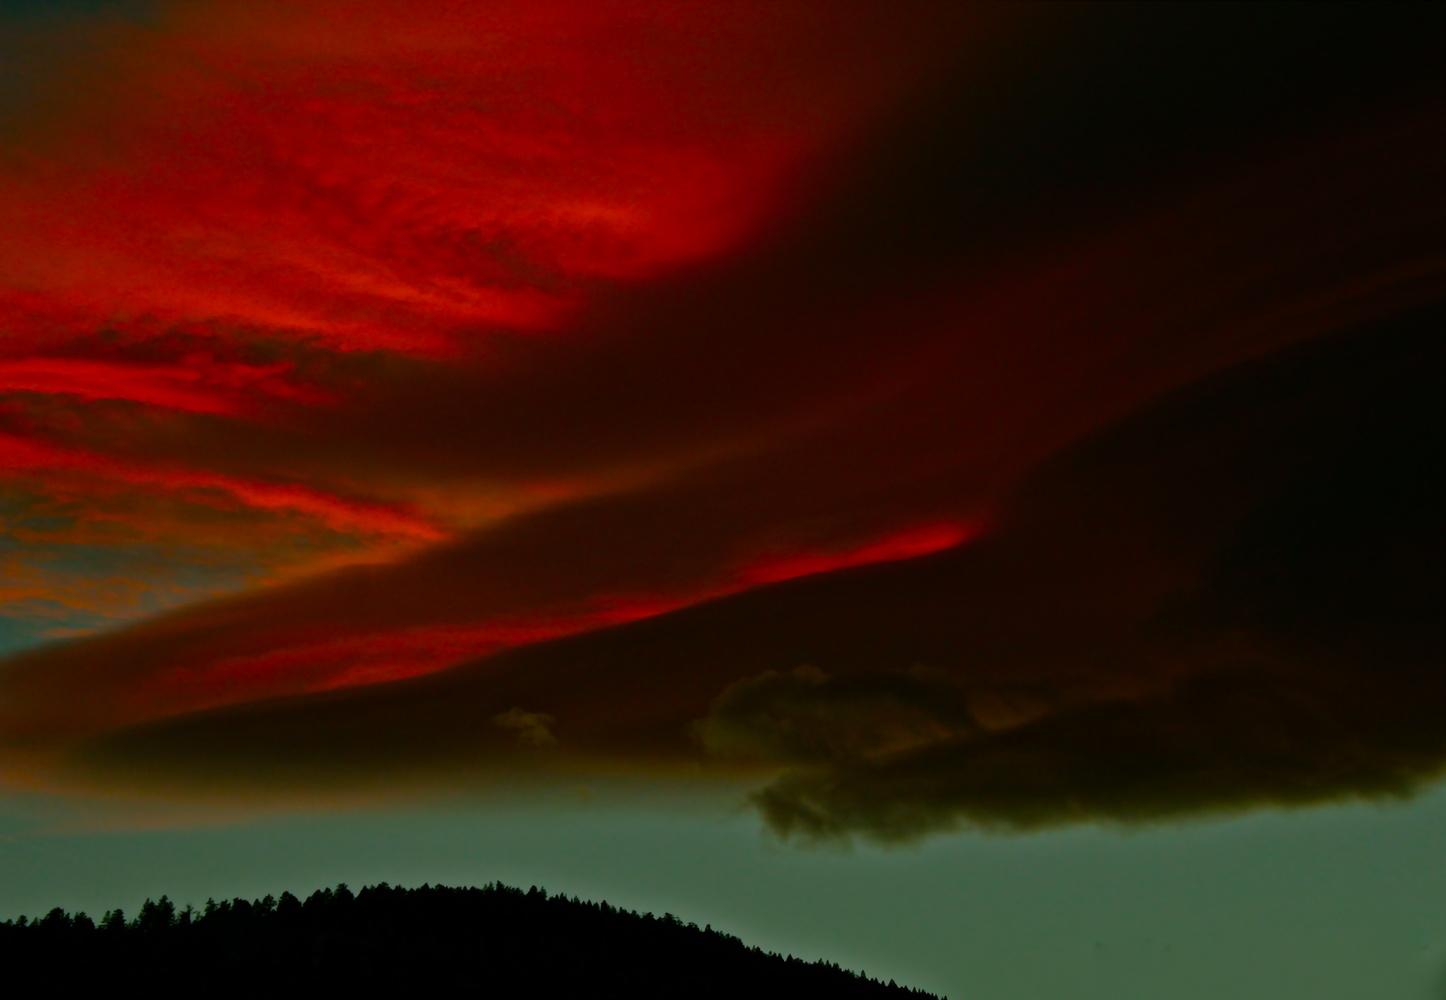 Dramatic sunset by Paddy Hackett